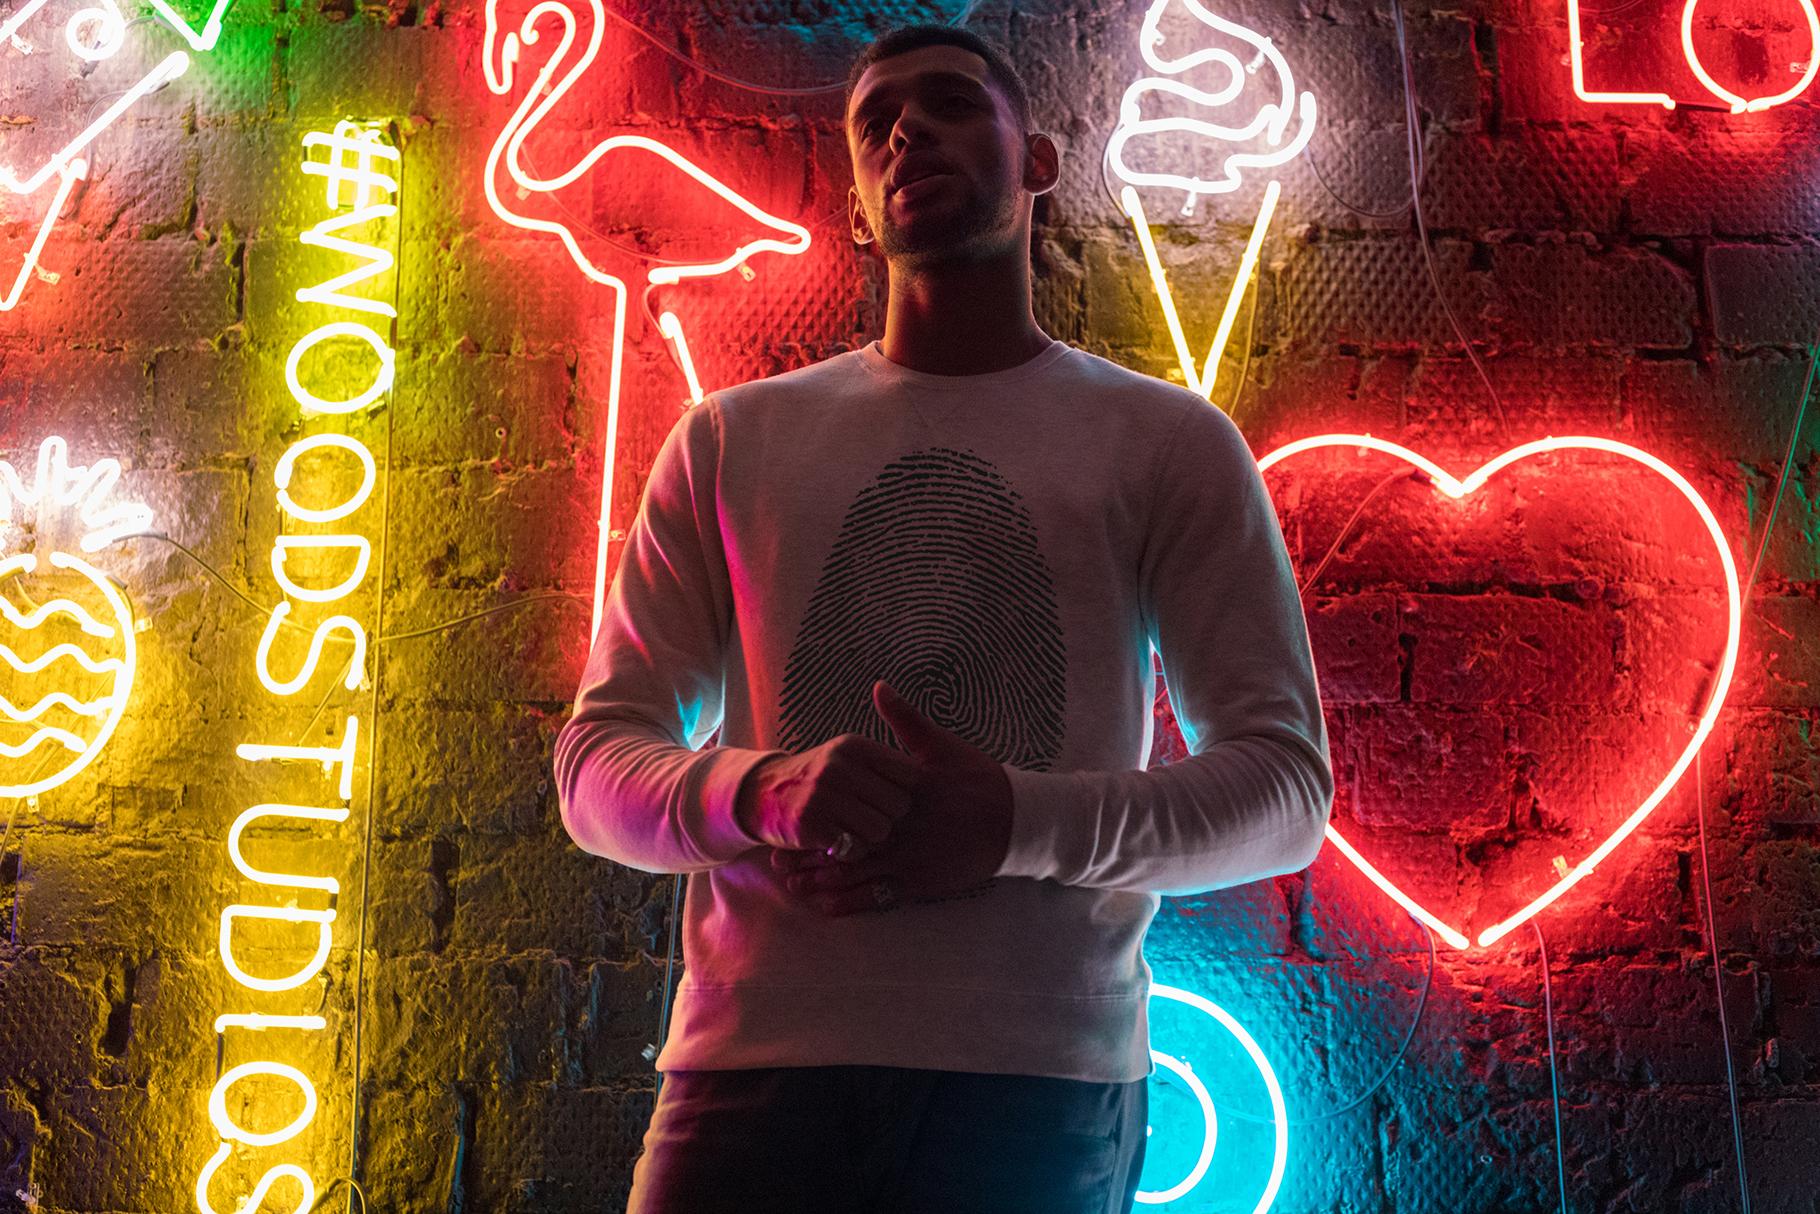 Sweatshirt Mock-Up 2018 #33 example image 7